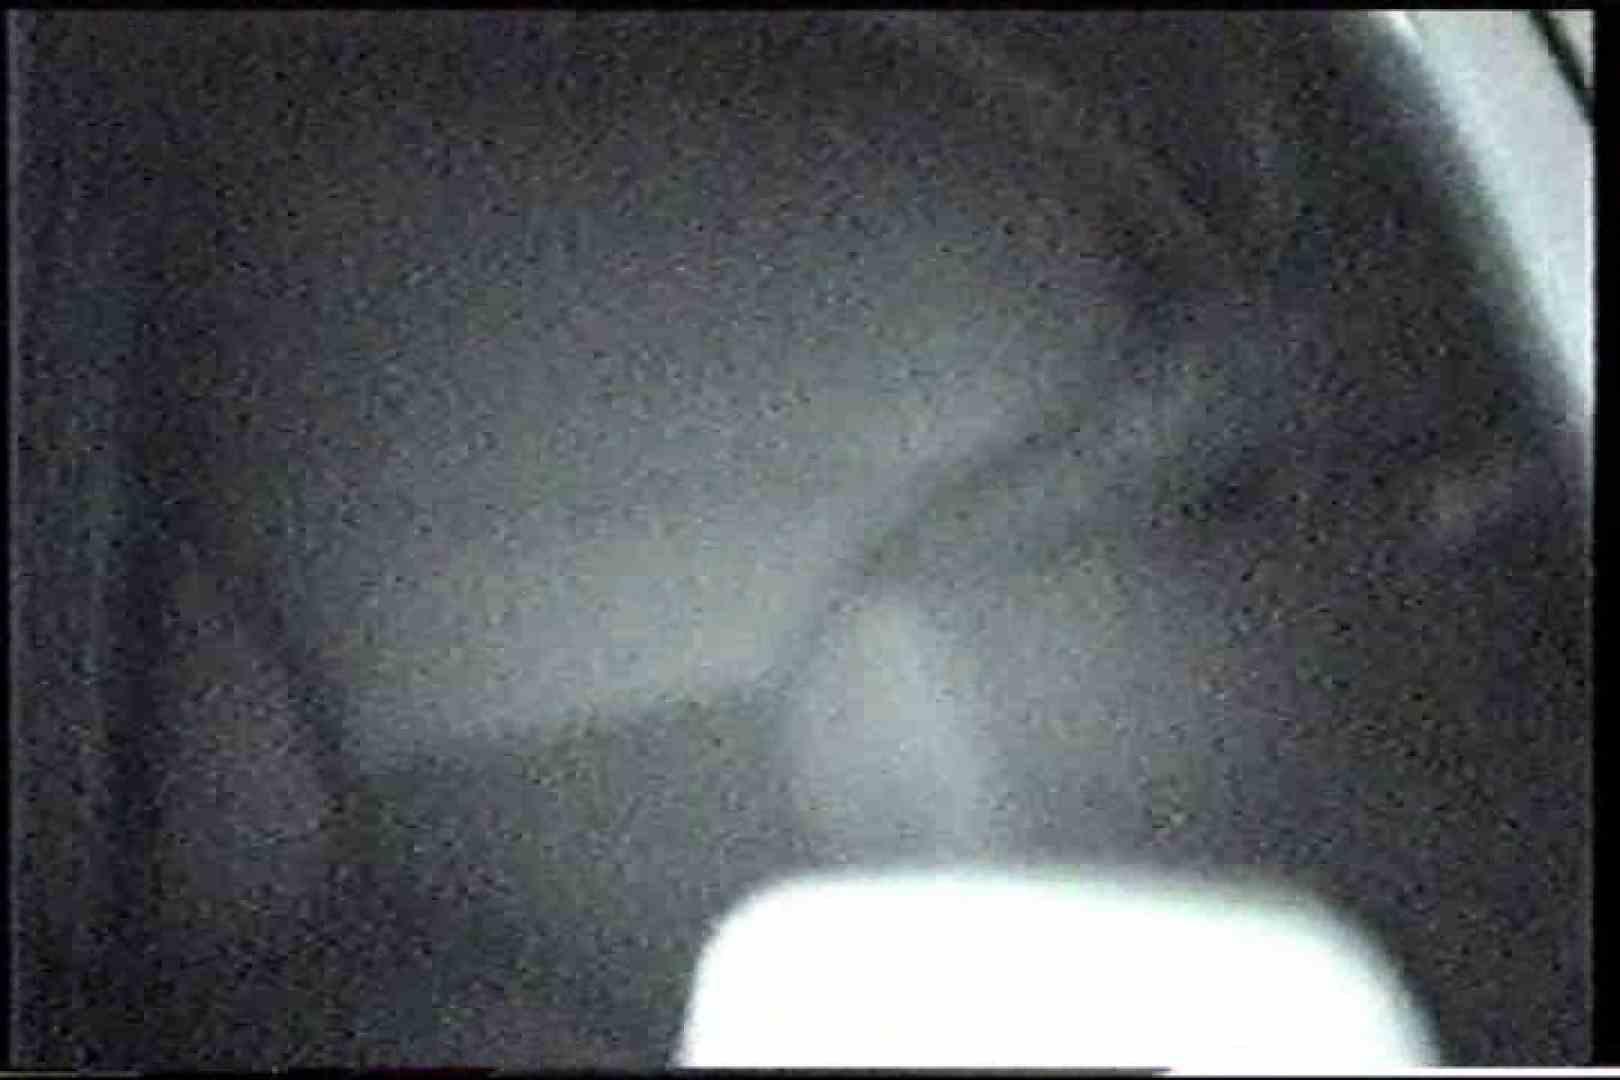 充血監督の深夜の運動会Vol.216 カップルのセックス ワレメ動画紹介 103PIX 58